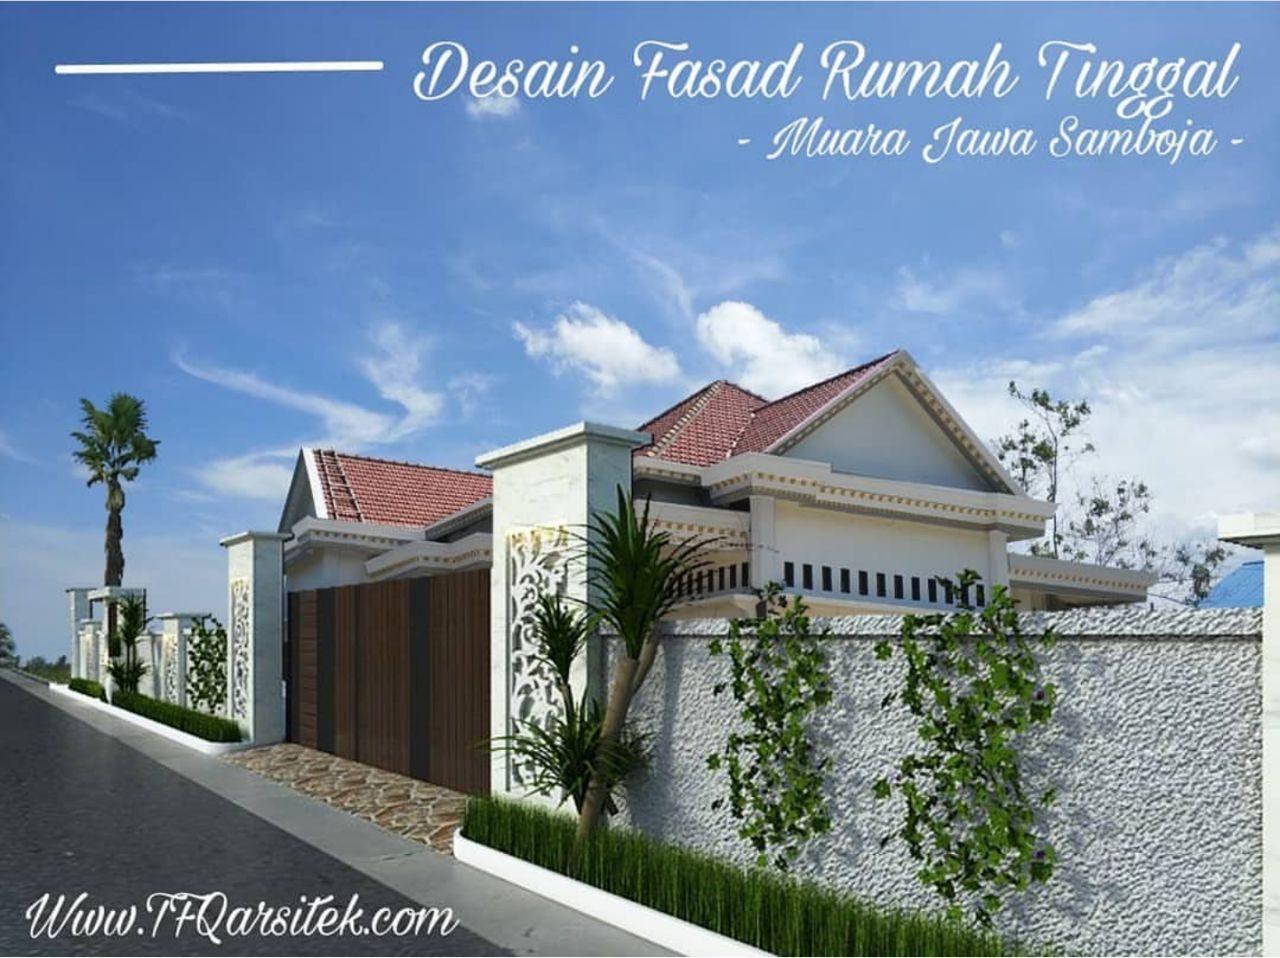 Desain Fasad Rumah Tinggal Samboja